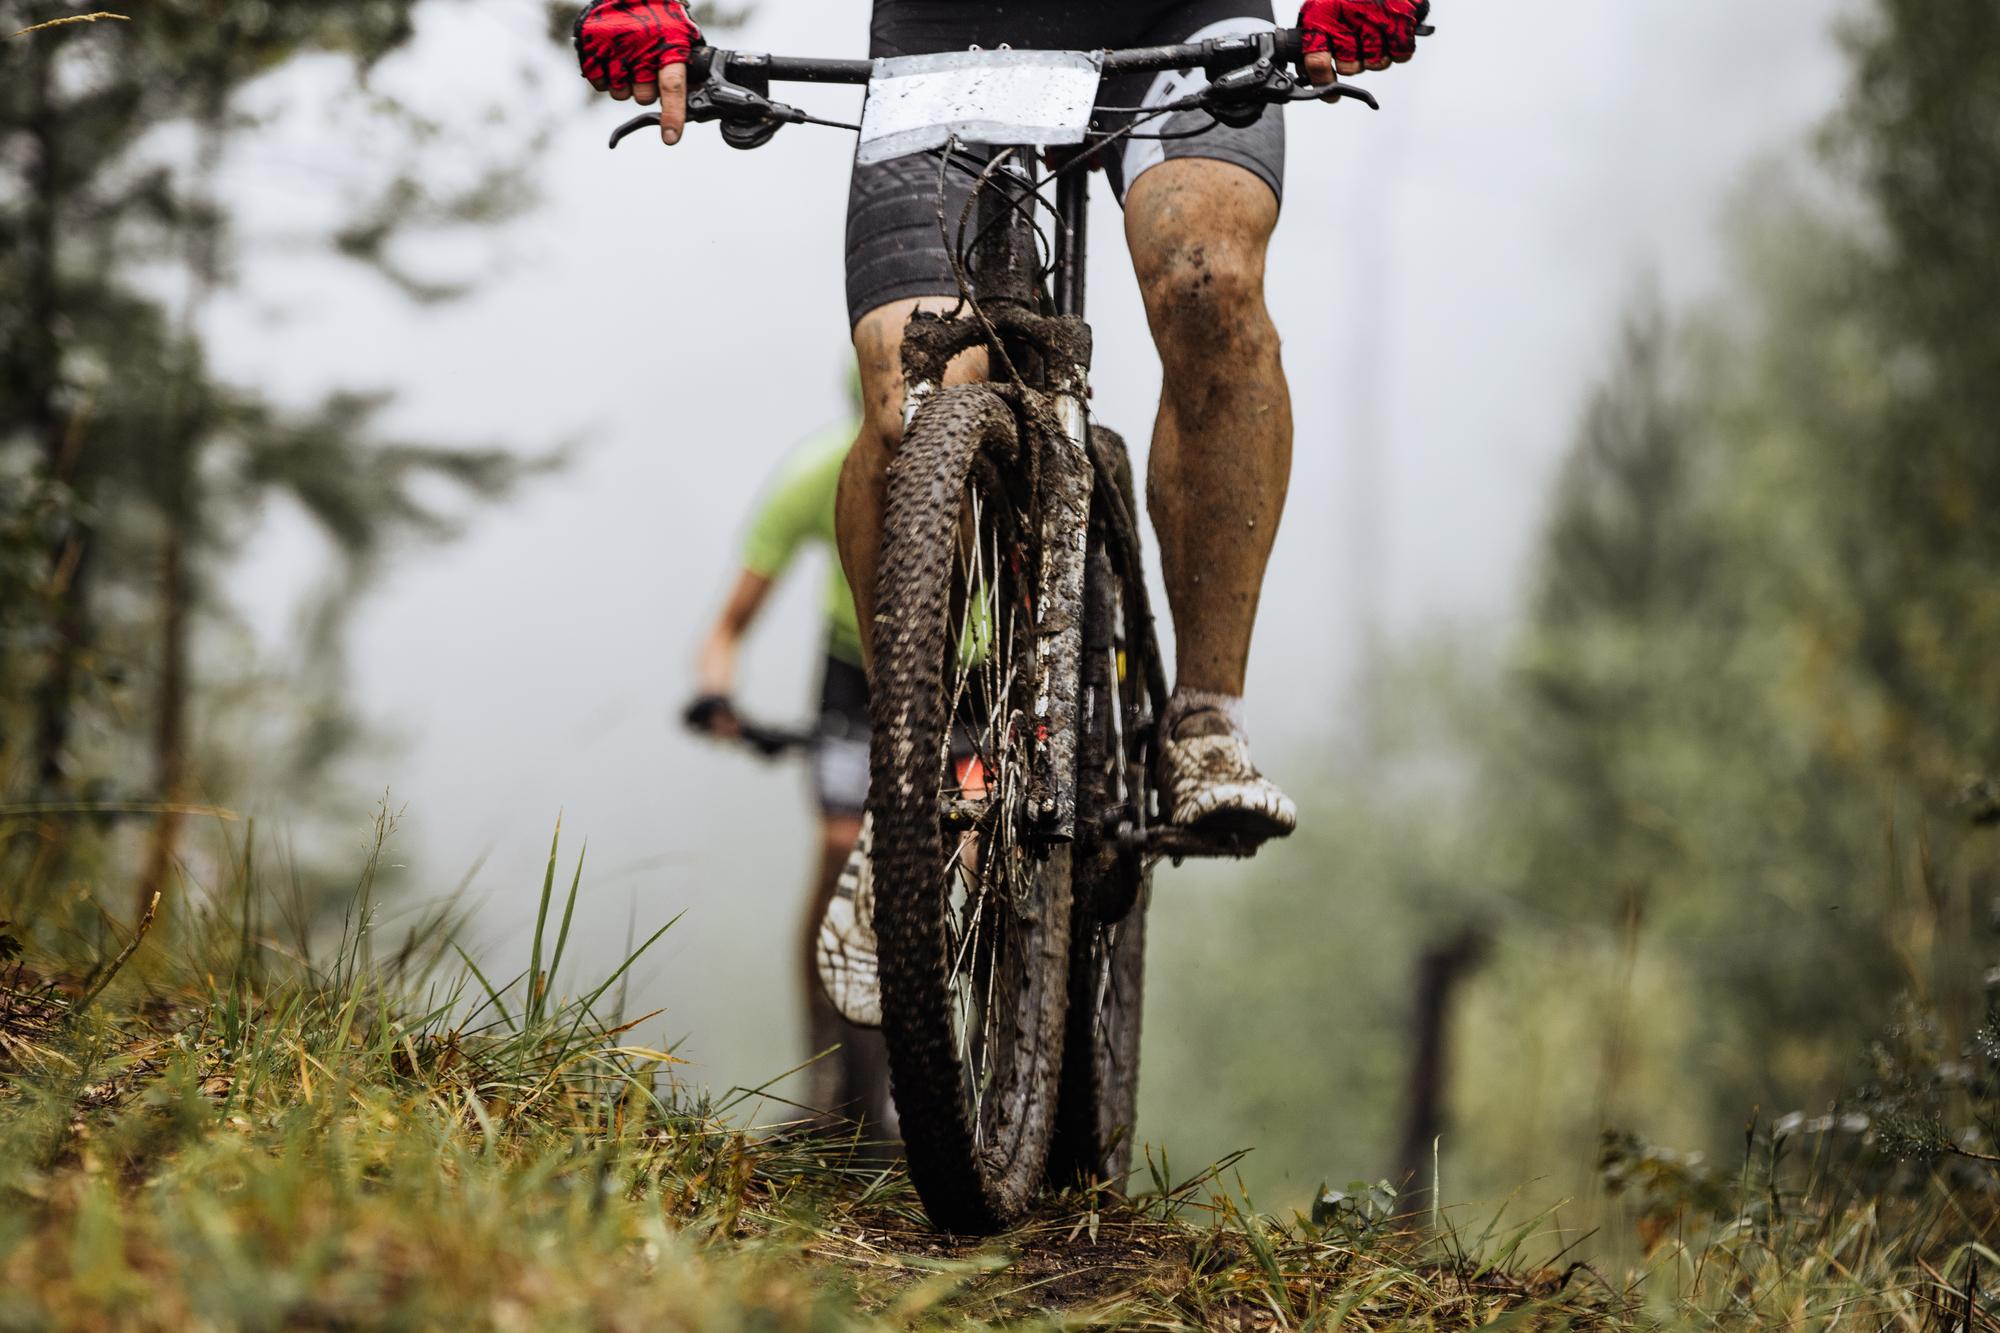 road bike wheels in mud